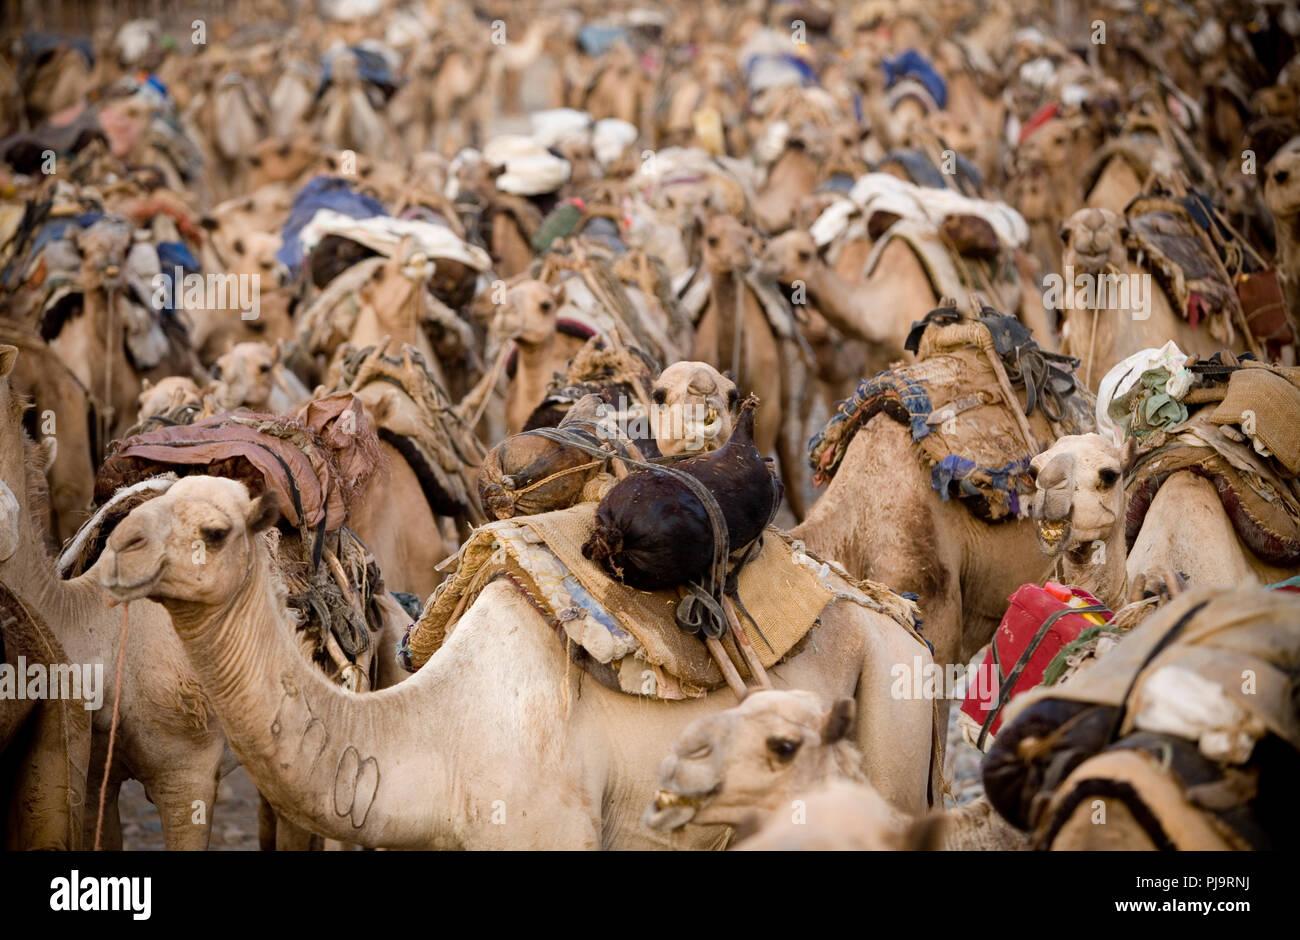 Una caravana de camellos viajes a la Depresión de Danakil para recolectar sal, en el norte de Etiopía, 3 de junio de 2010. Imagen De Stock